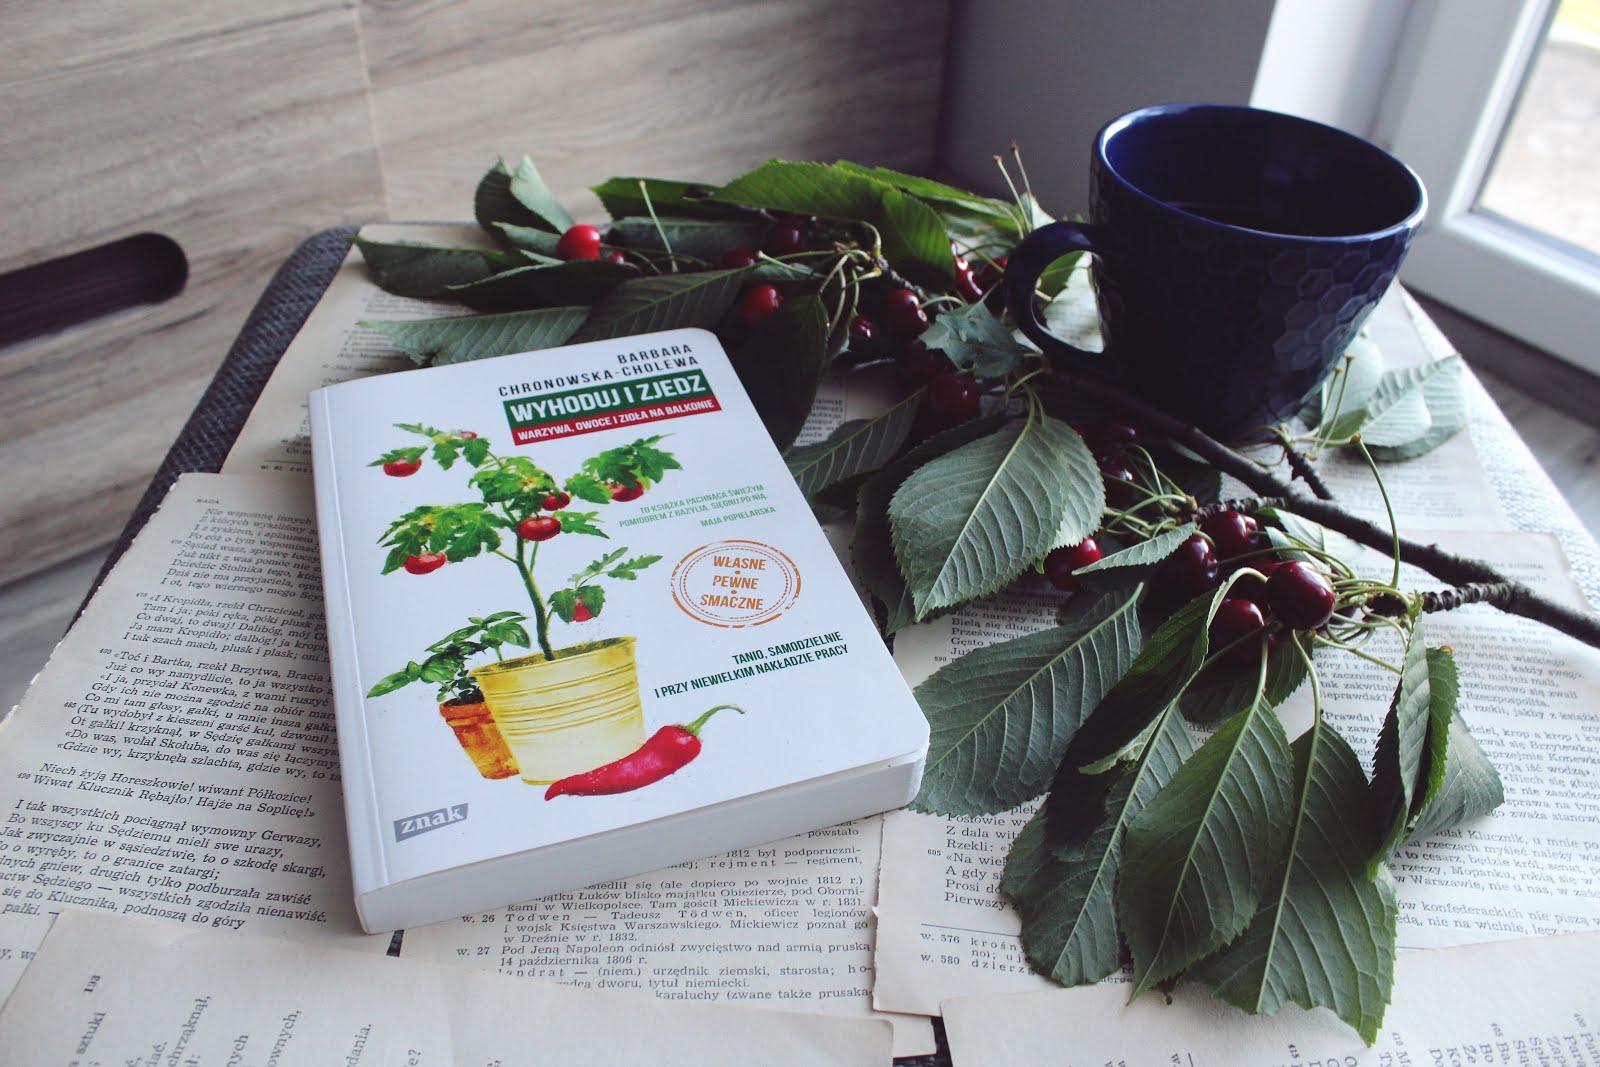 uprawa warzyw i owoców na balkonie